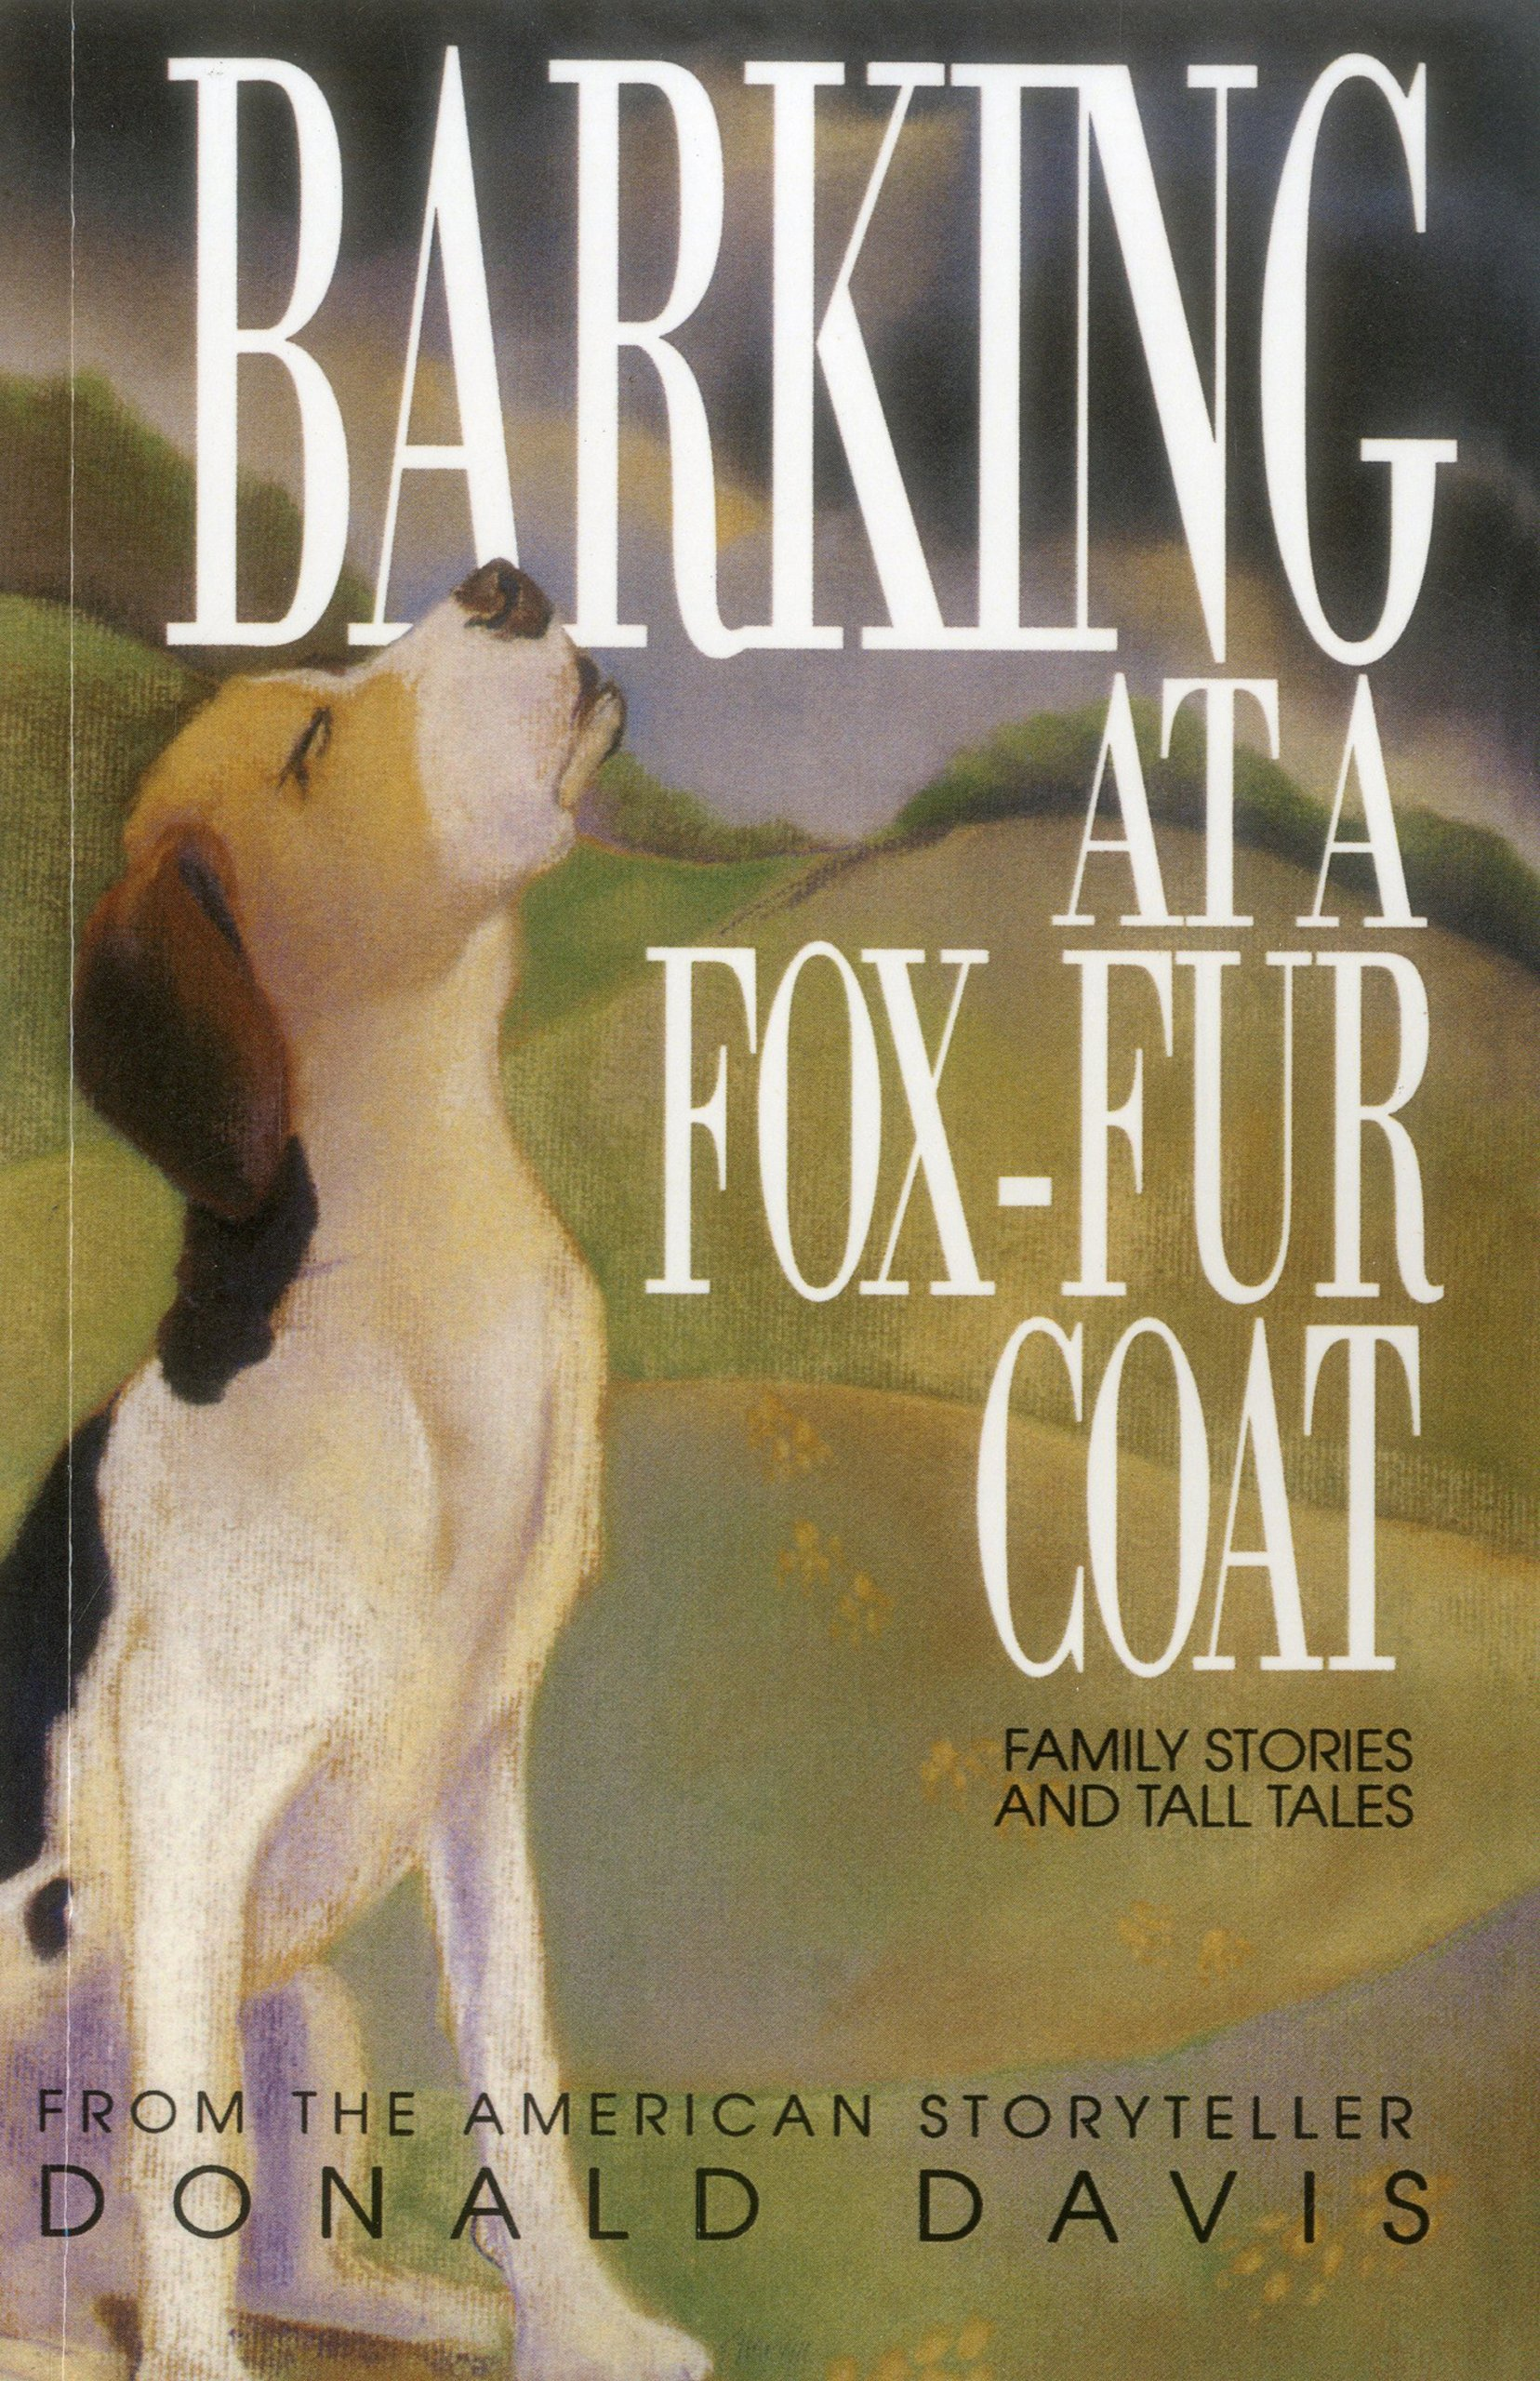 Download Barking At a Fox-fur Coat pdf